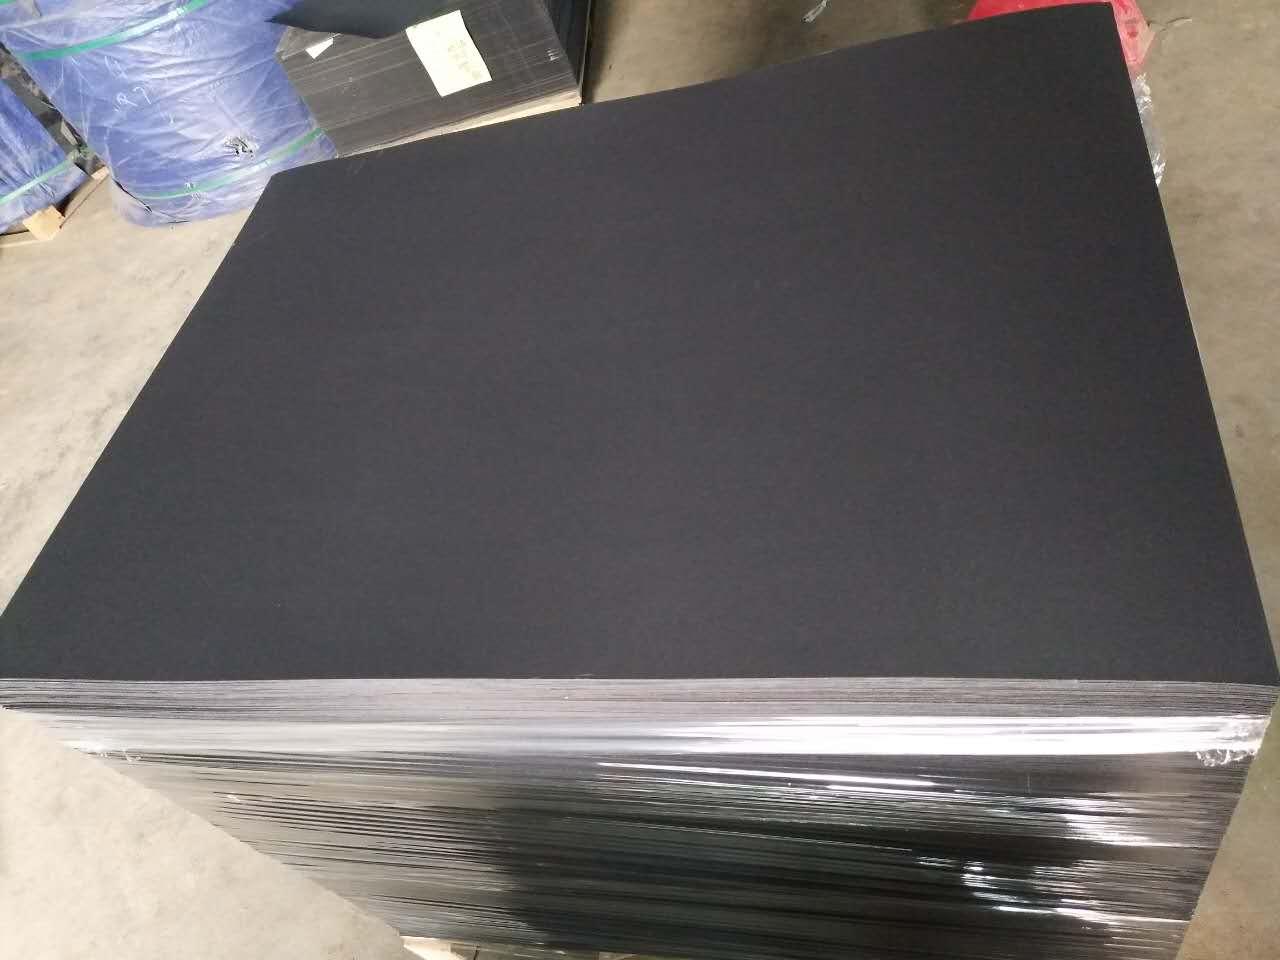 黑卡纸厂家直销 黑卡纸批发 黑卡纸供货商